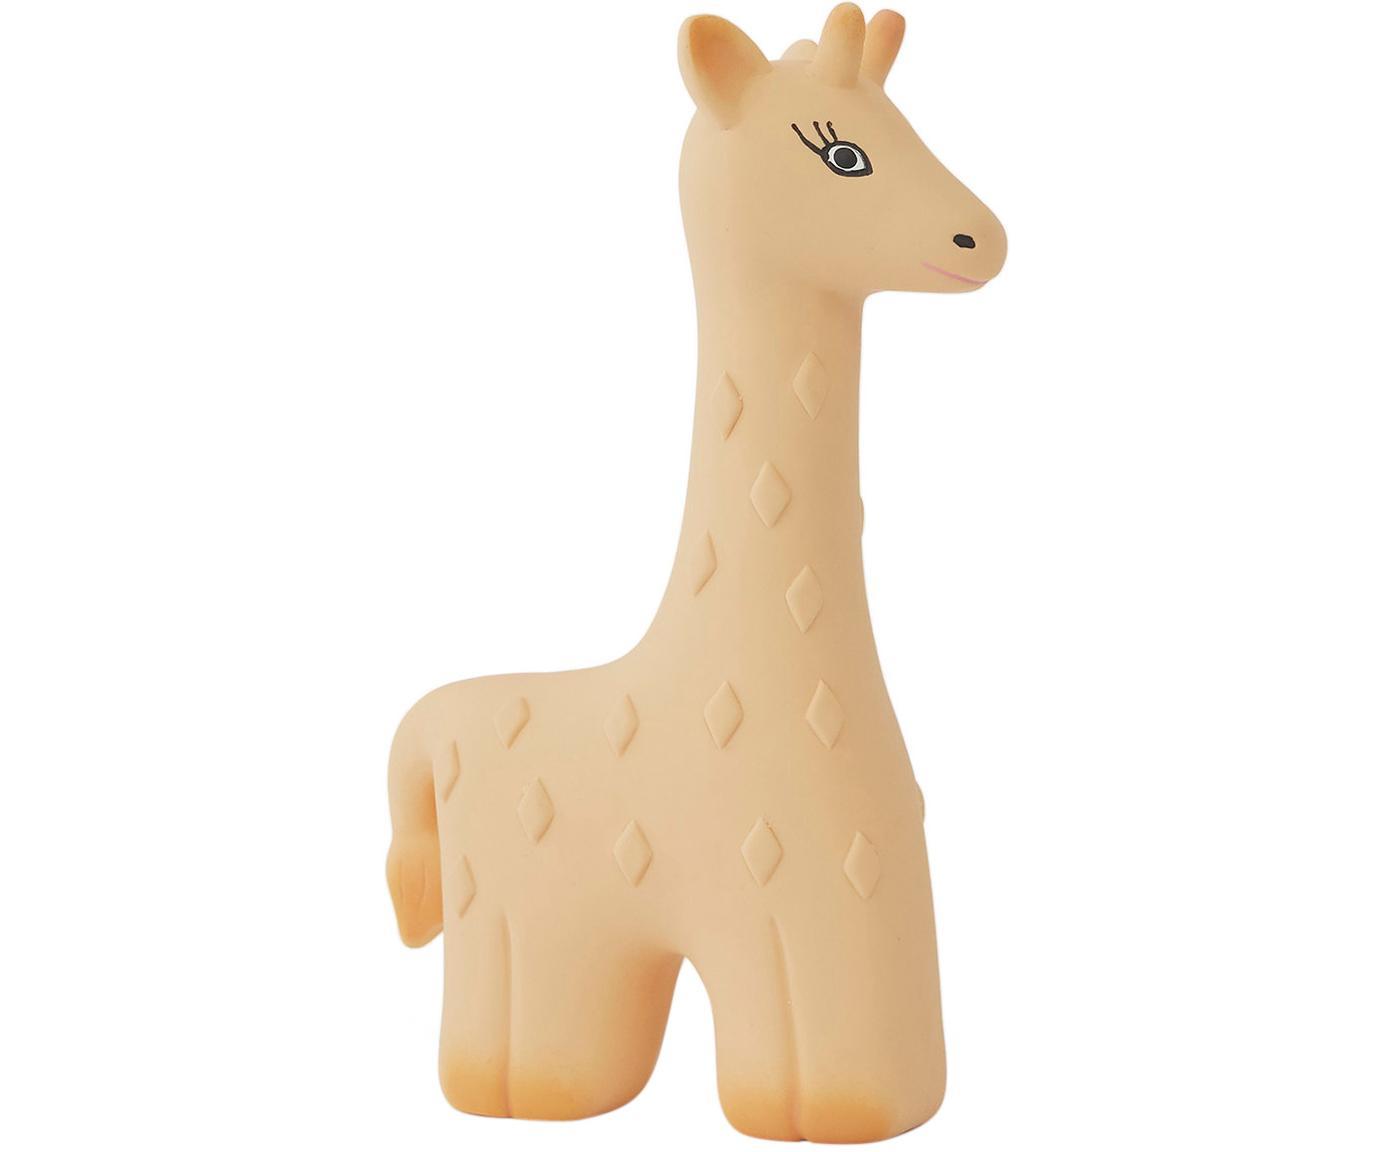 Beisstier Giraffe Noah, Gummi, BPA und Phthalate frei, Beige, Schwarz, 10 x 15 cm